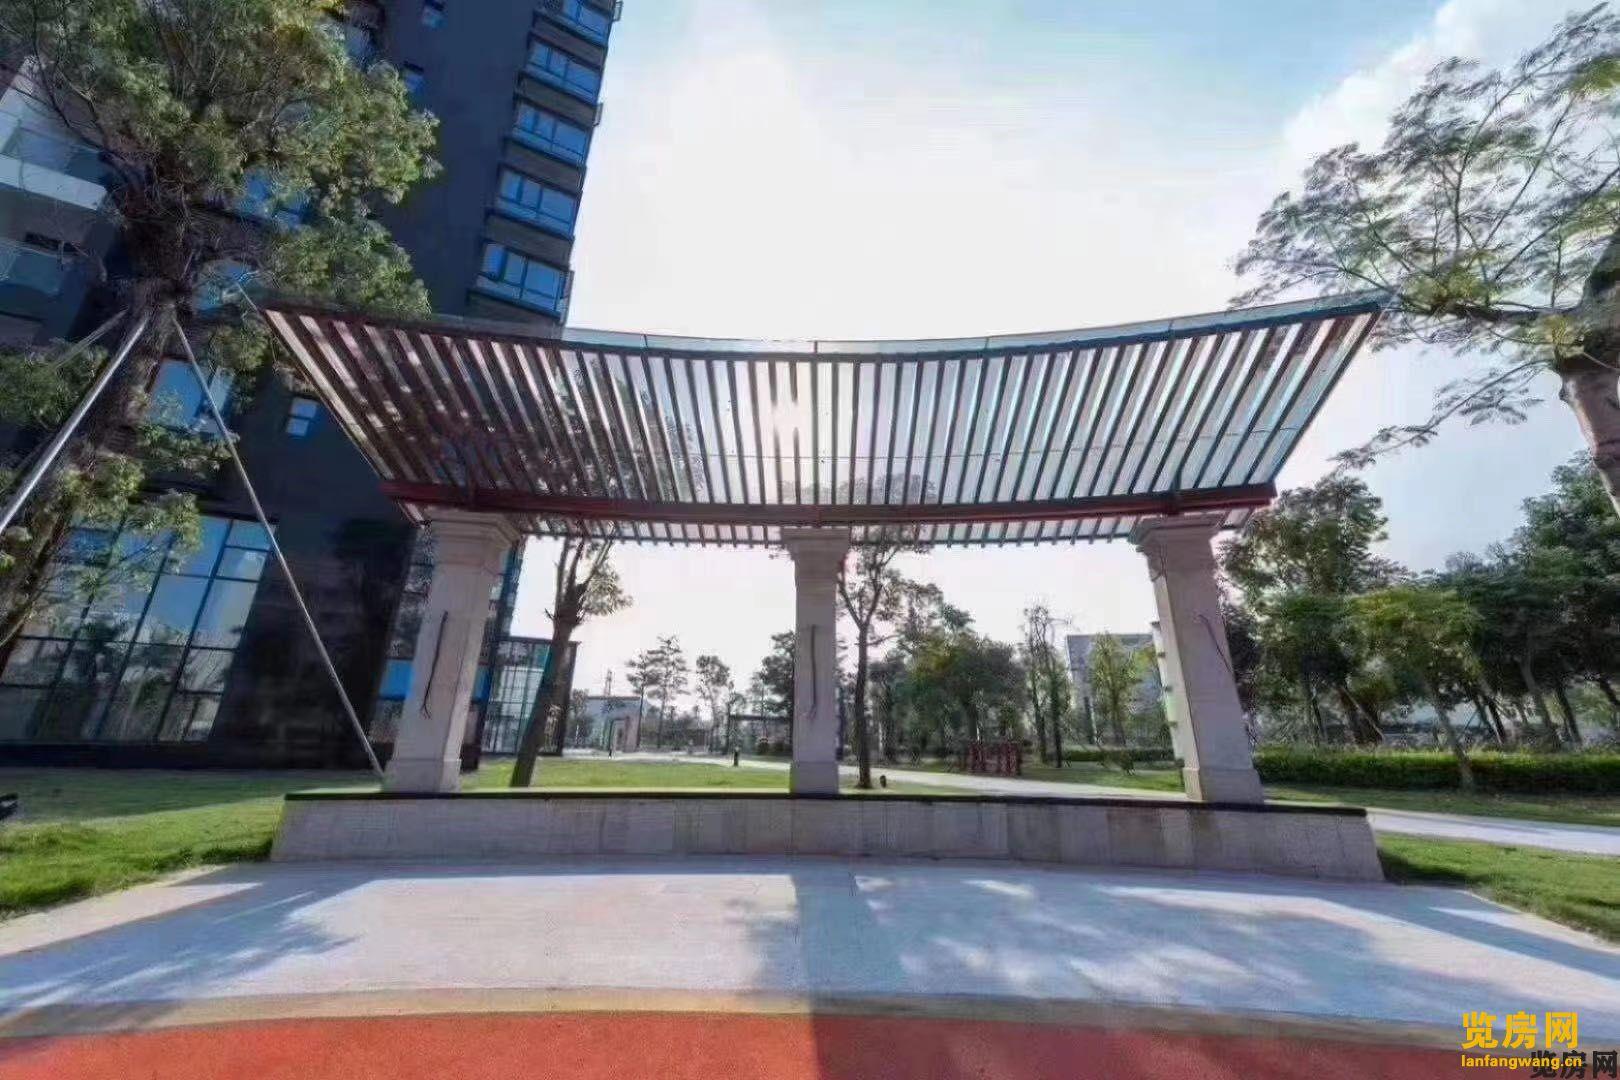 想要在深圳落户,不仅面临着高昂的房价,还有严格的限购政策!小产权可以买吗?